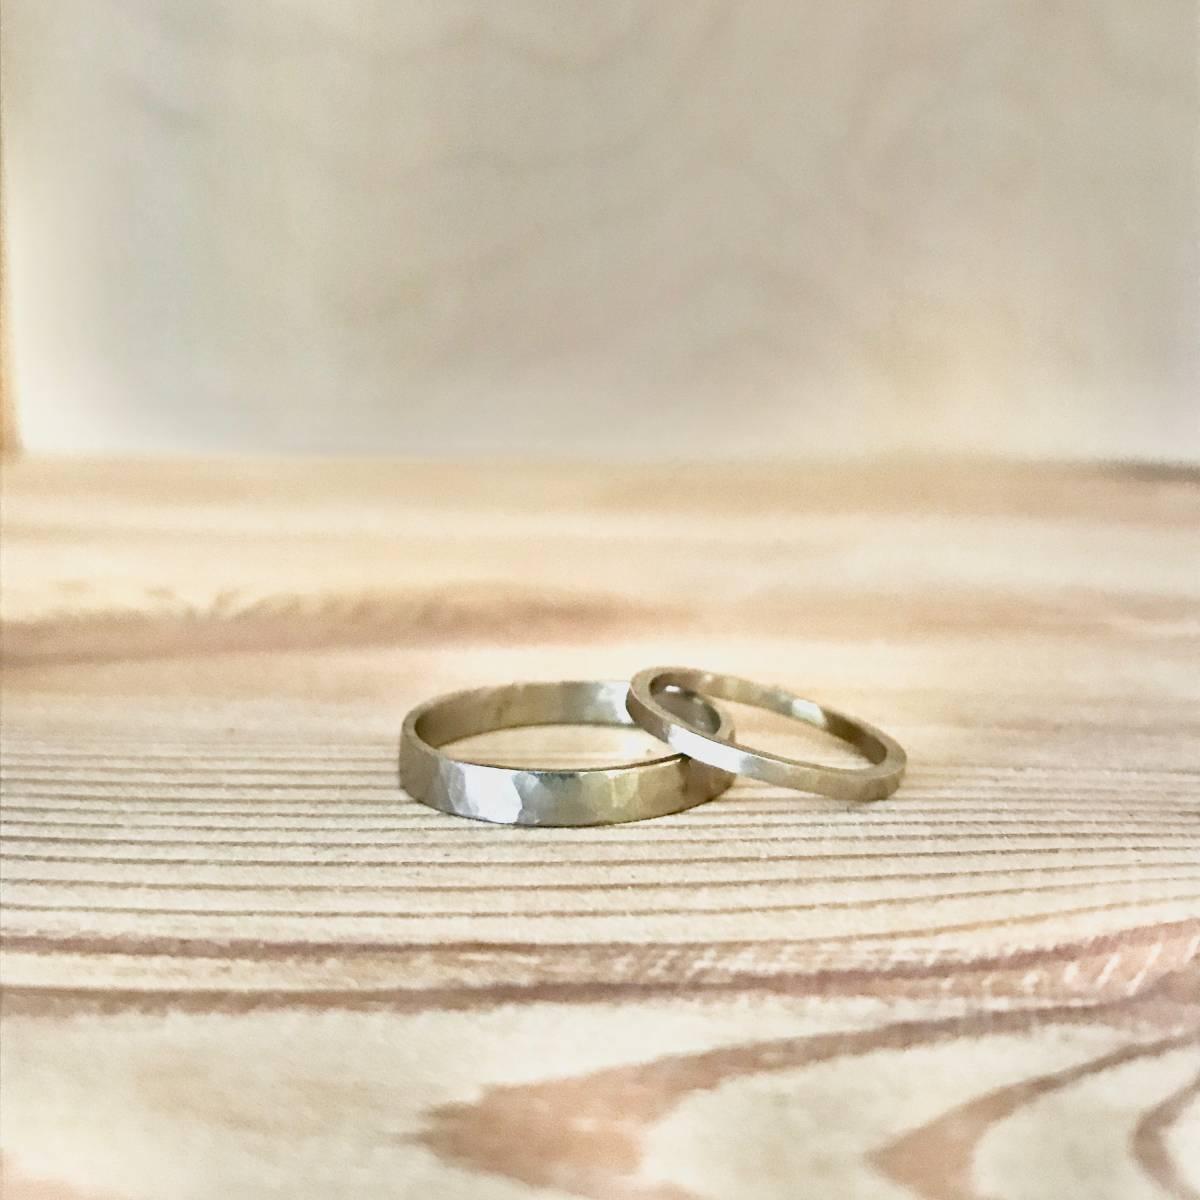 MMAAK - Bruidsjuwelen - Fotograaf Marlies Martens (zelf) - House of Weddings 25